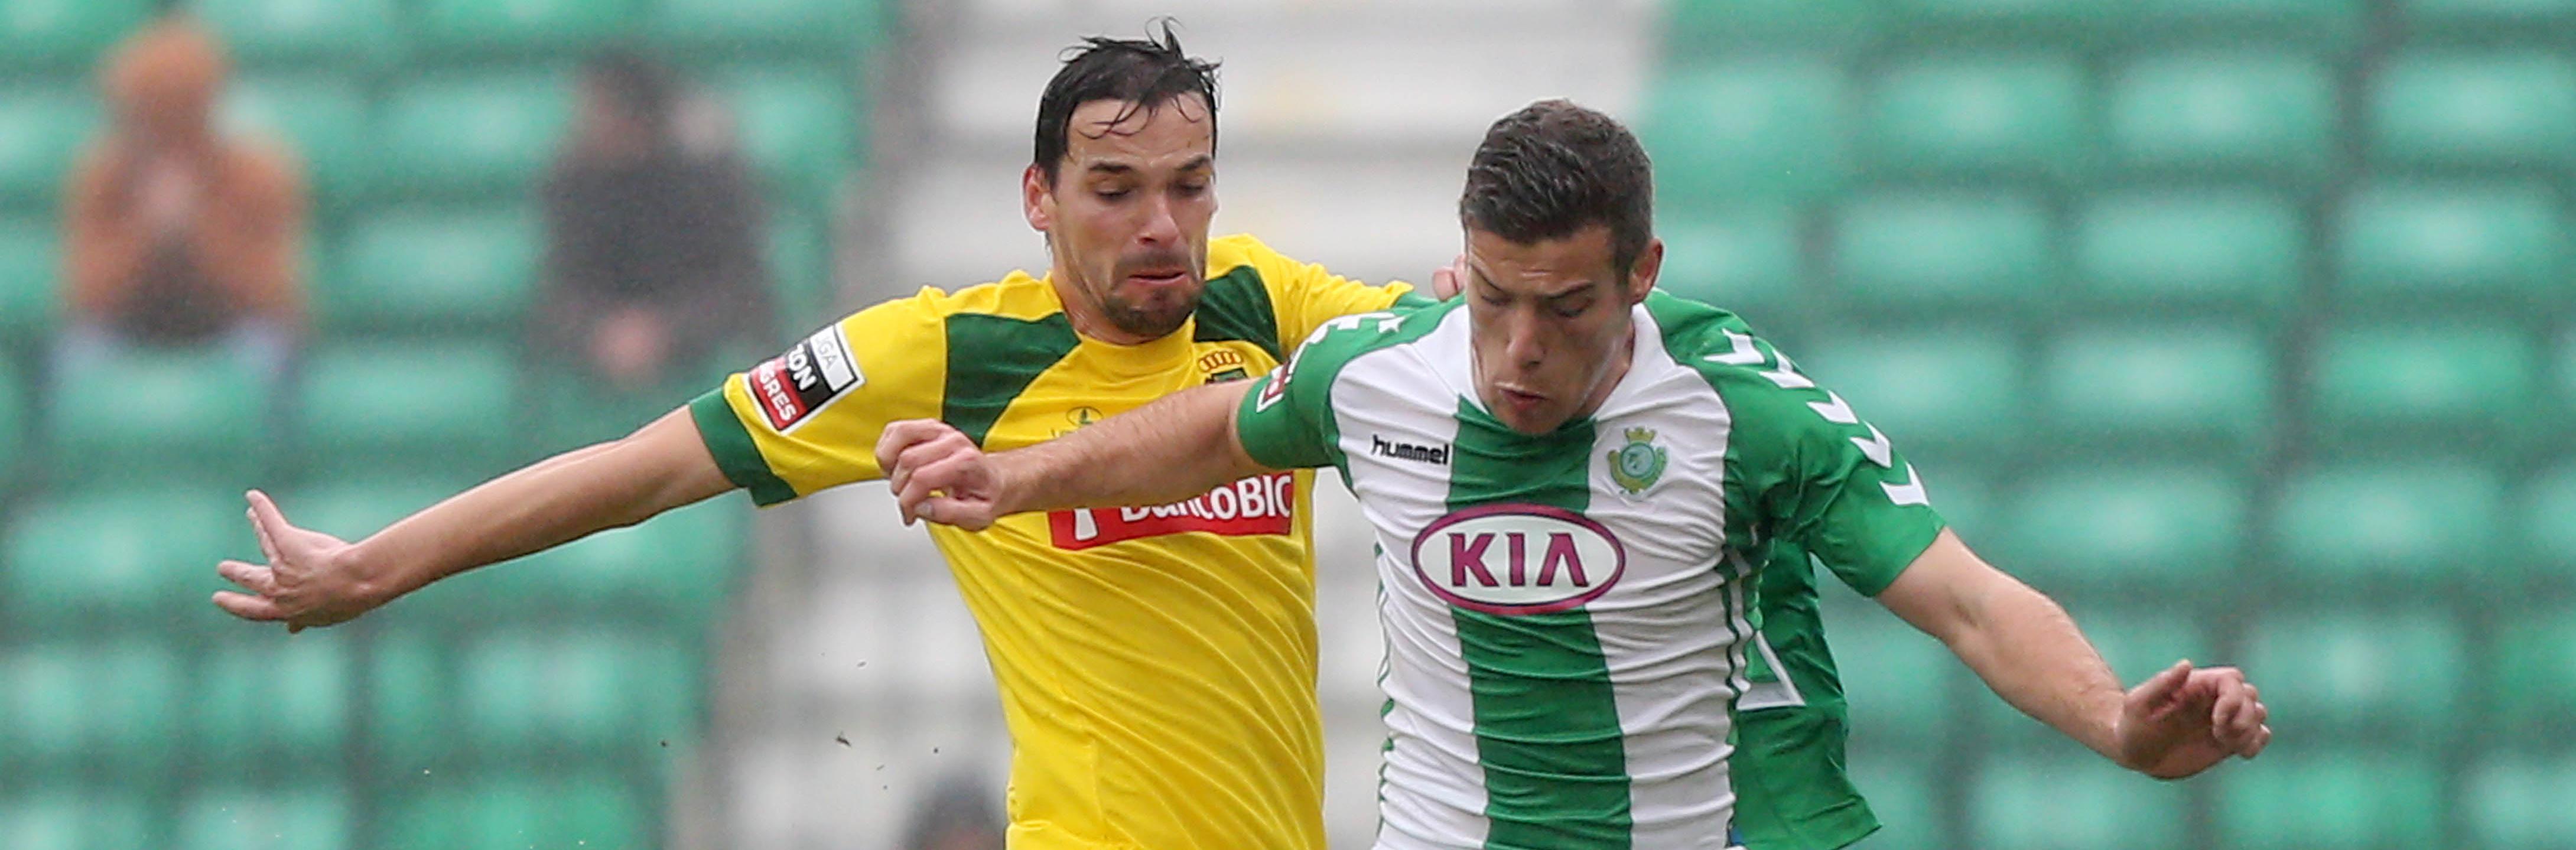 Pedro Tiba junto a André Leão en un partido que ambos disputaron en la temporada 2013/2014 en Portugal (VCF.pt)